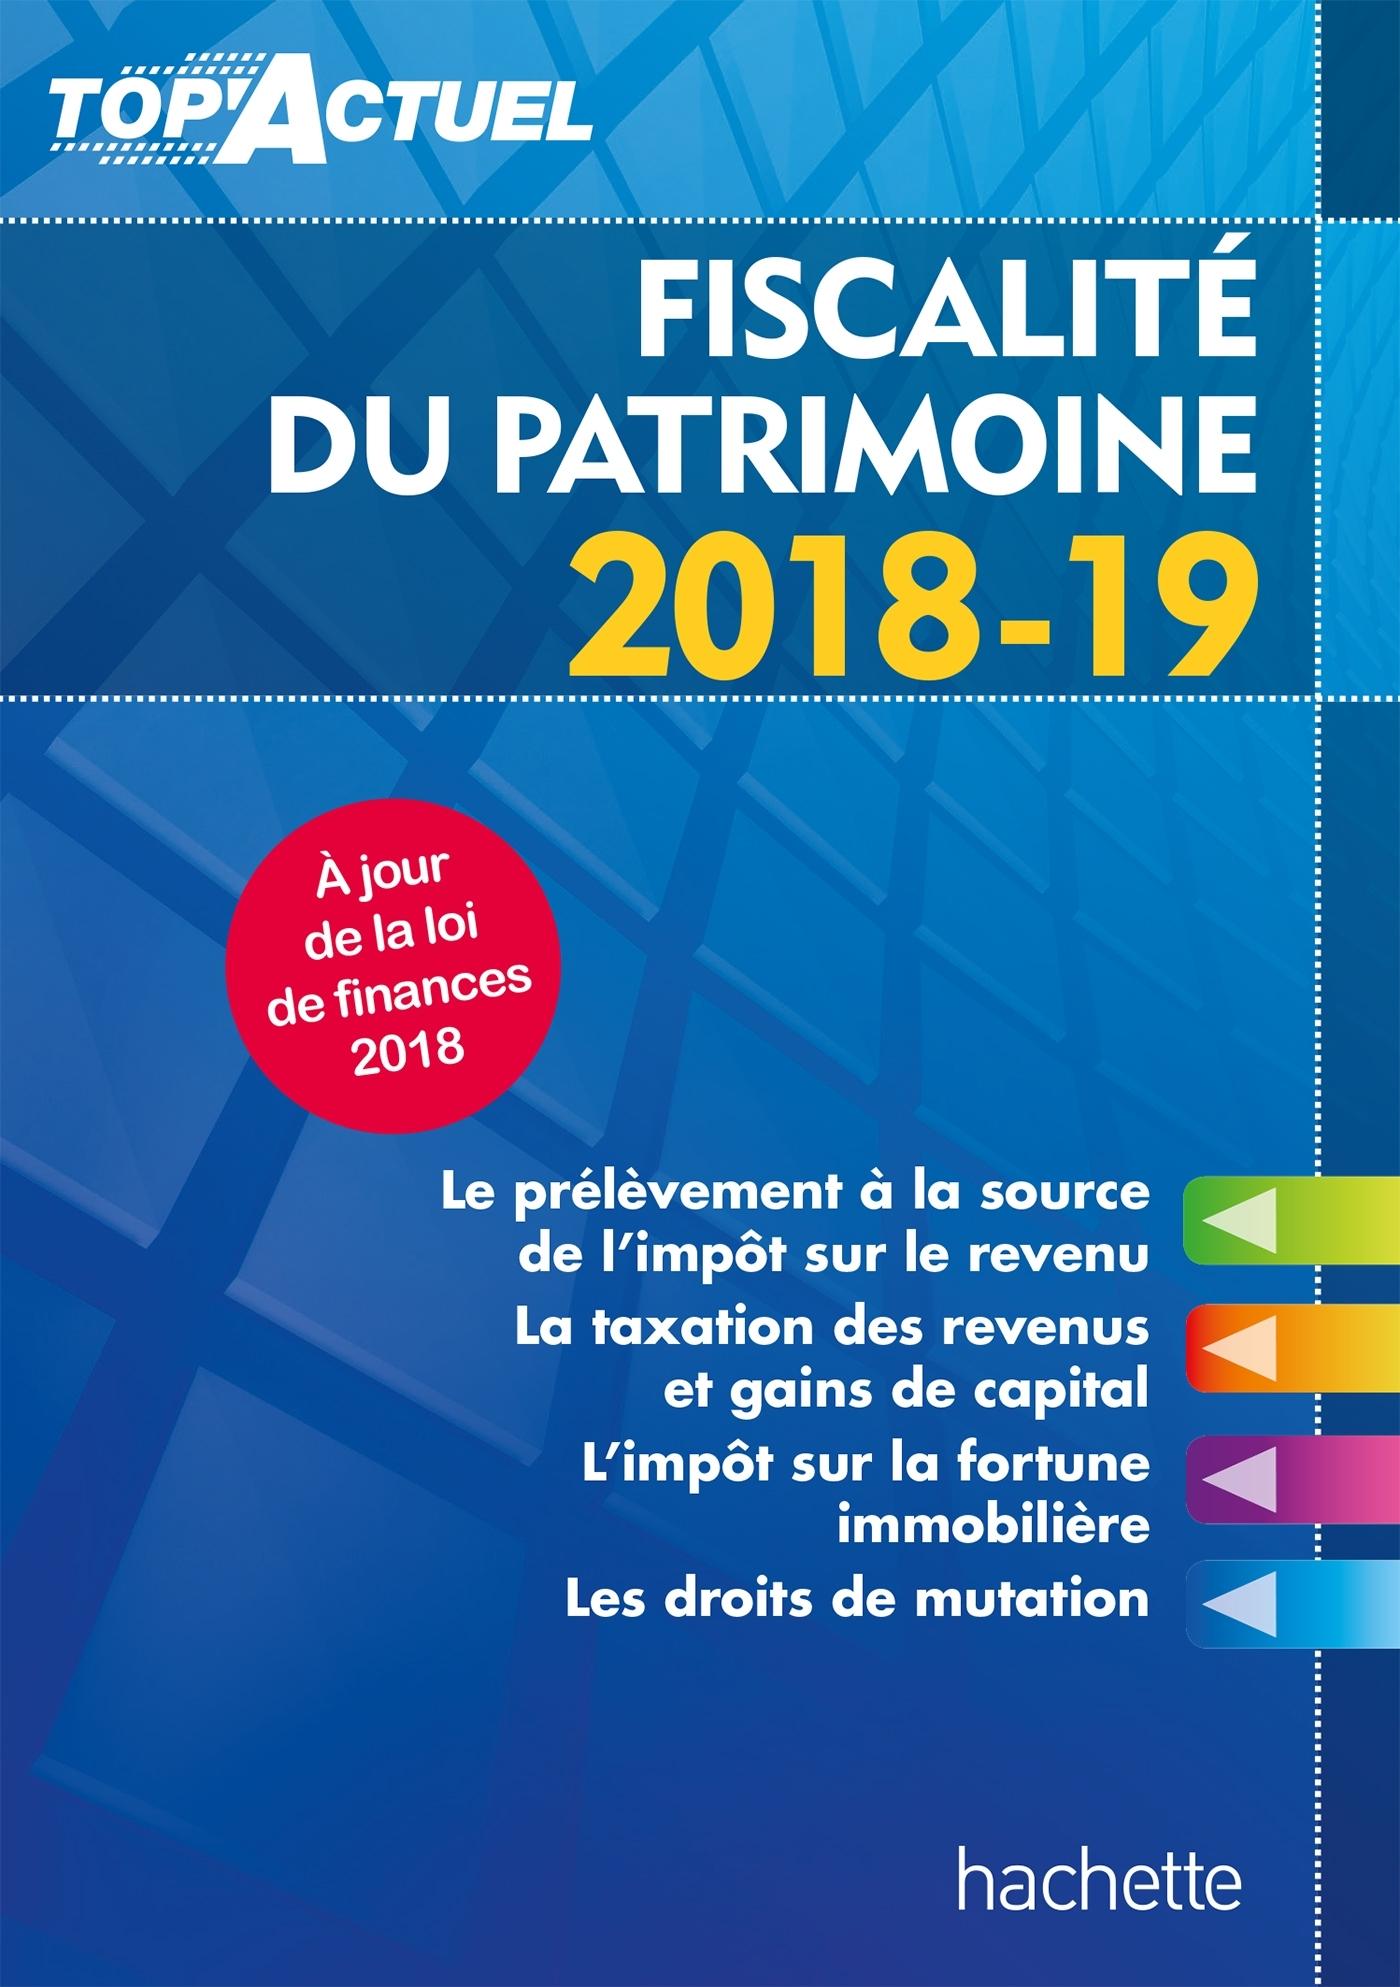 TOP'ACTUEL FISCALITE DU PATRIMOINE 2018-2019